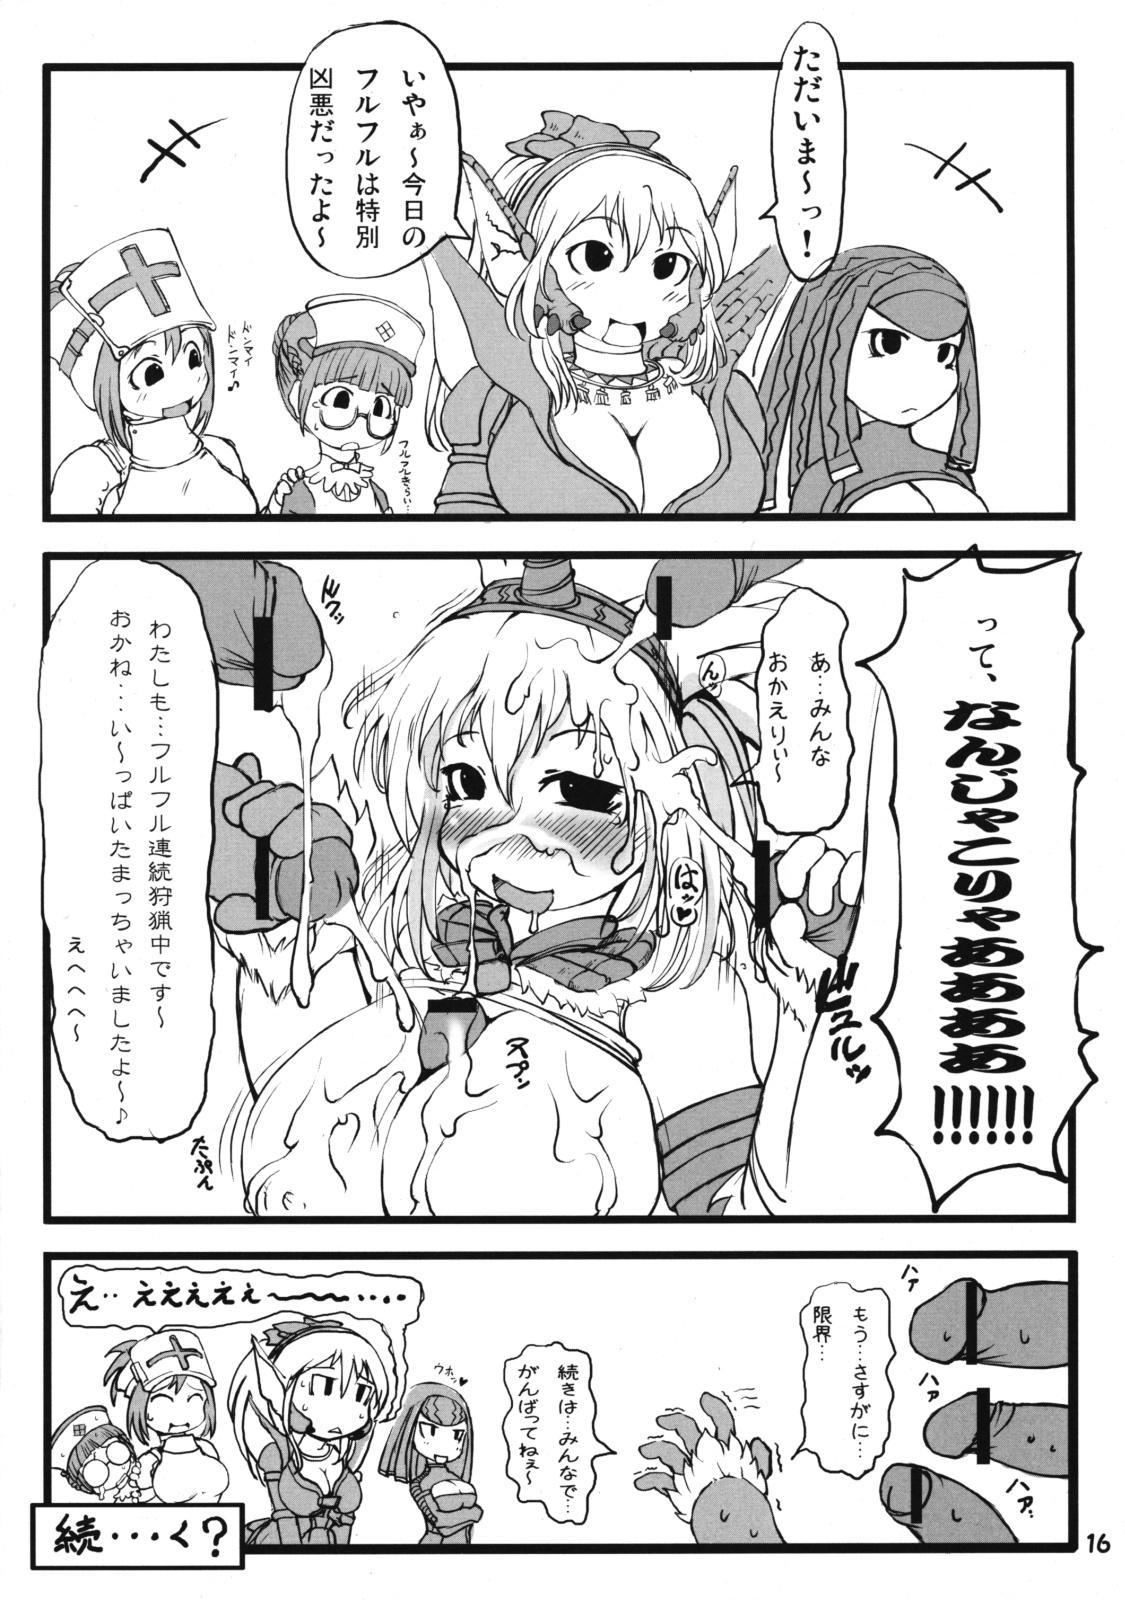 Tokunou Kirin Musume!! 14